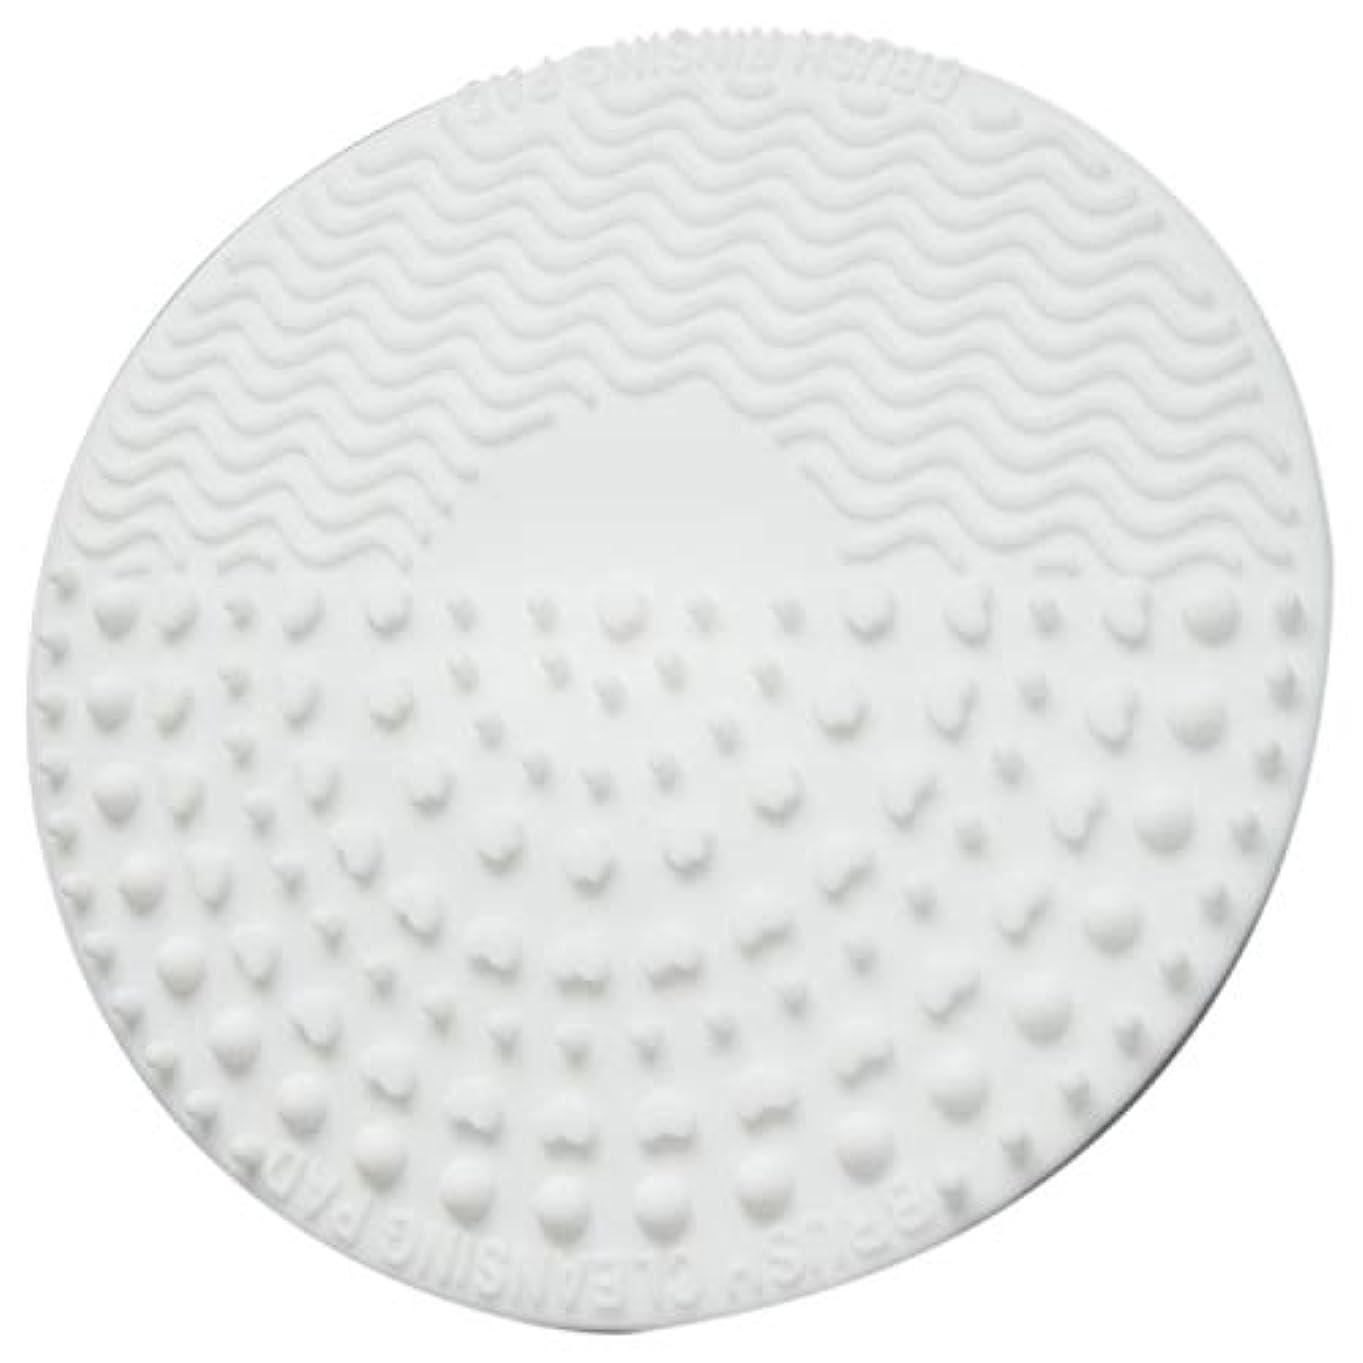 スイッチうっかり政治家のTOOGOO シリコーン化粧ブラシ クレンジングパッド パレット ブラシ クリーナークリーニングマット 洗濯スクラバーパッド 化粧品メイクアップクリーナーツール ホワイト